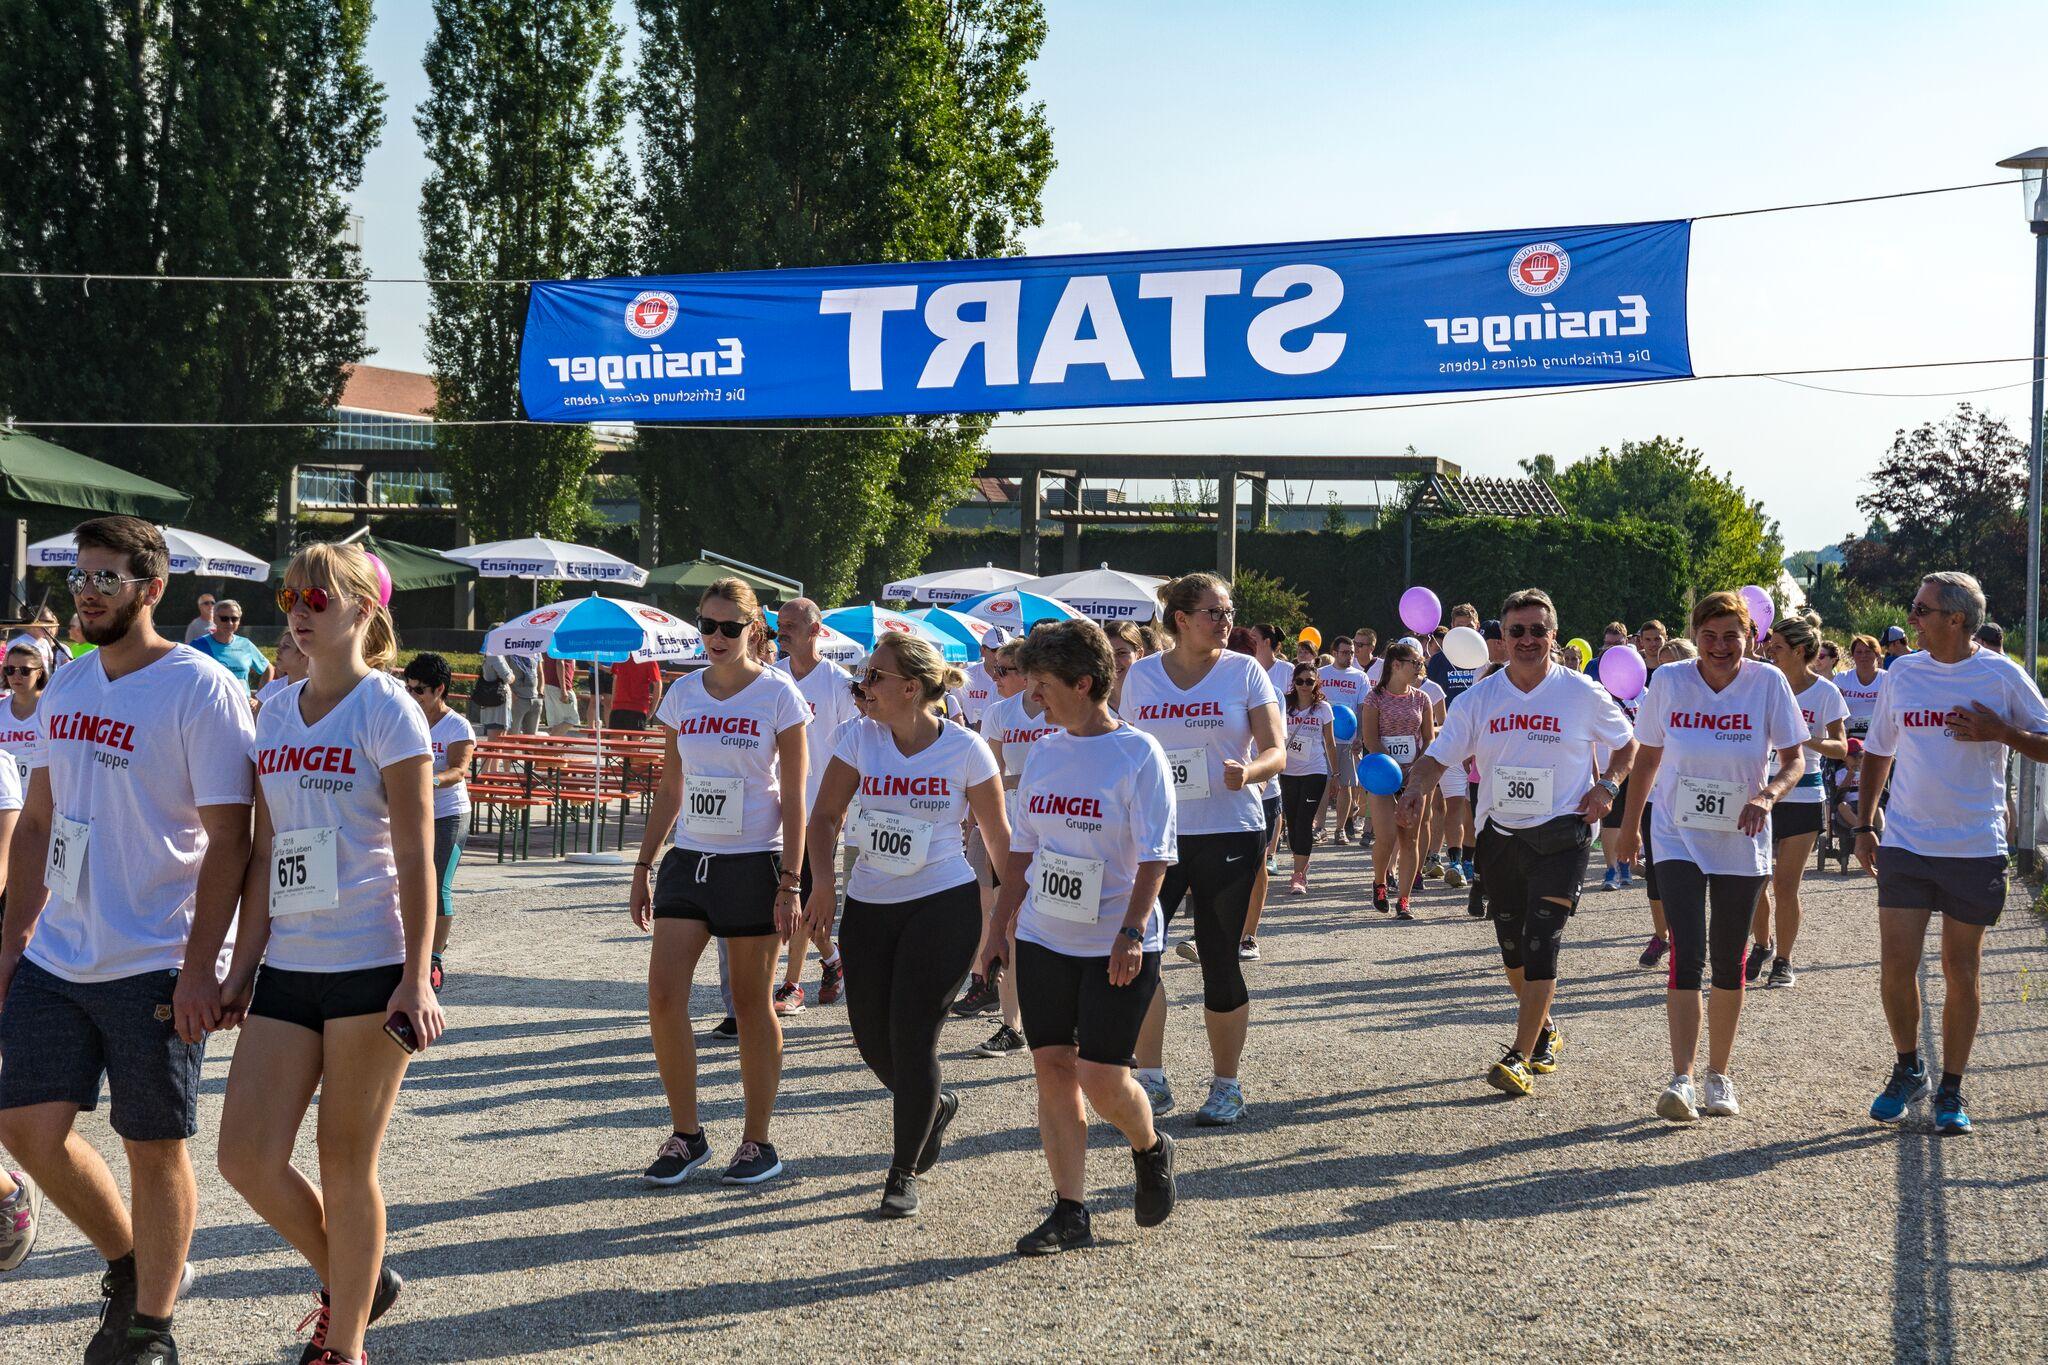 Lauf für das Leben - KLiNGEL Gruppe spendet für guten Zweck